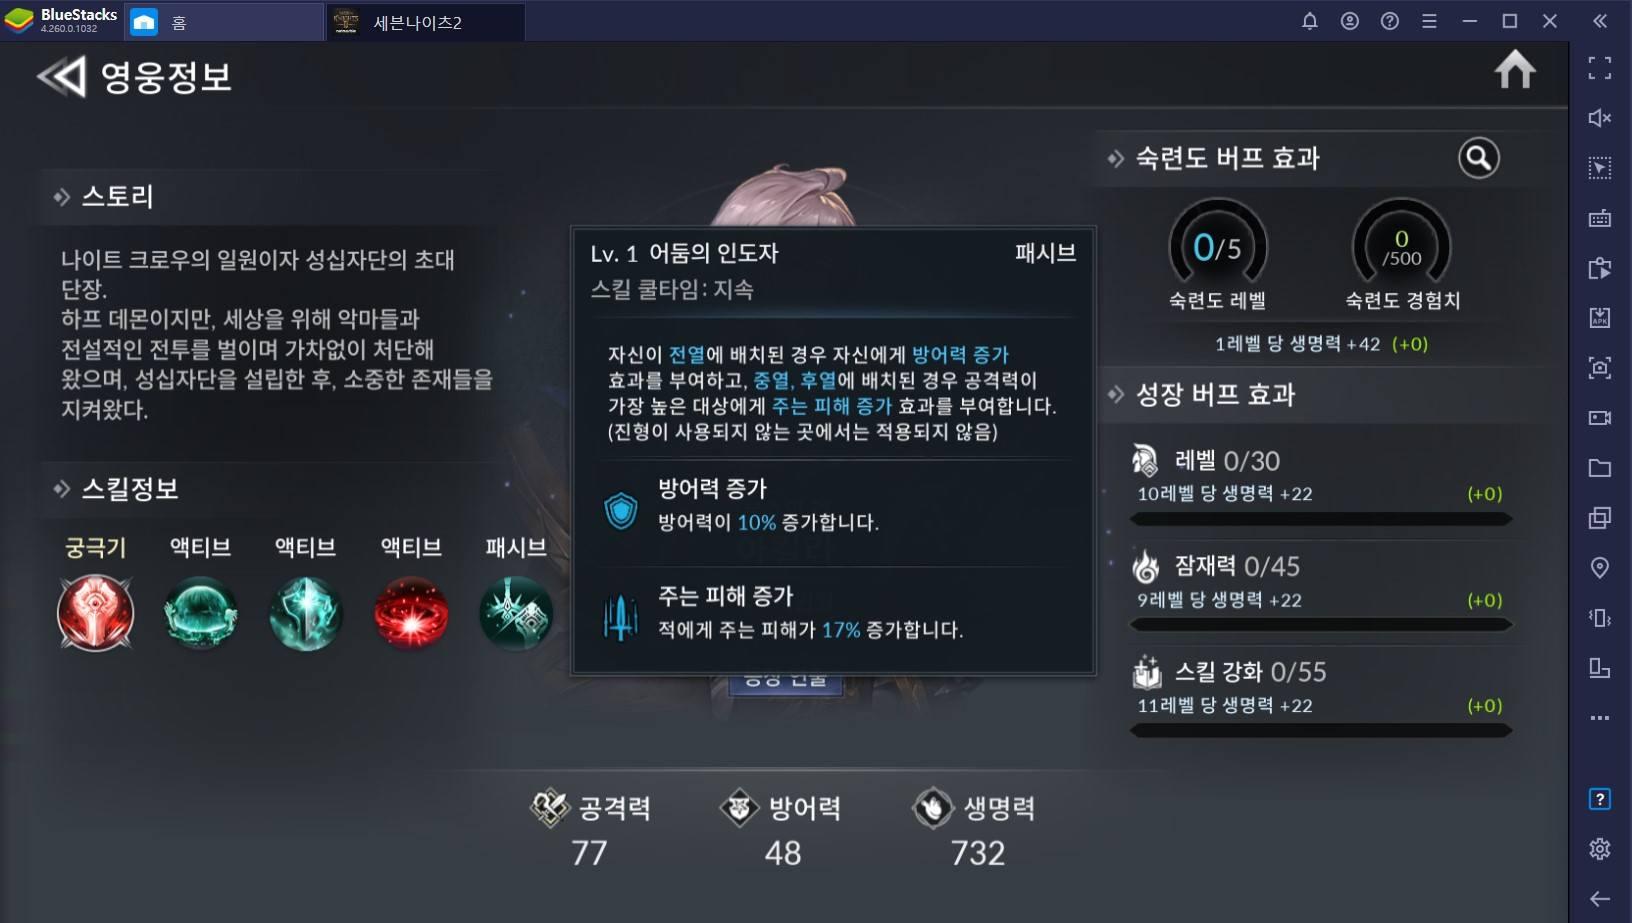 PC MMORPG처럼 즐길 수 있는 세븐나이츠2, 신규 전설 영웅 성십자단의 초대 단장 아킬라 등장